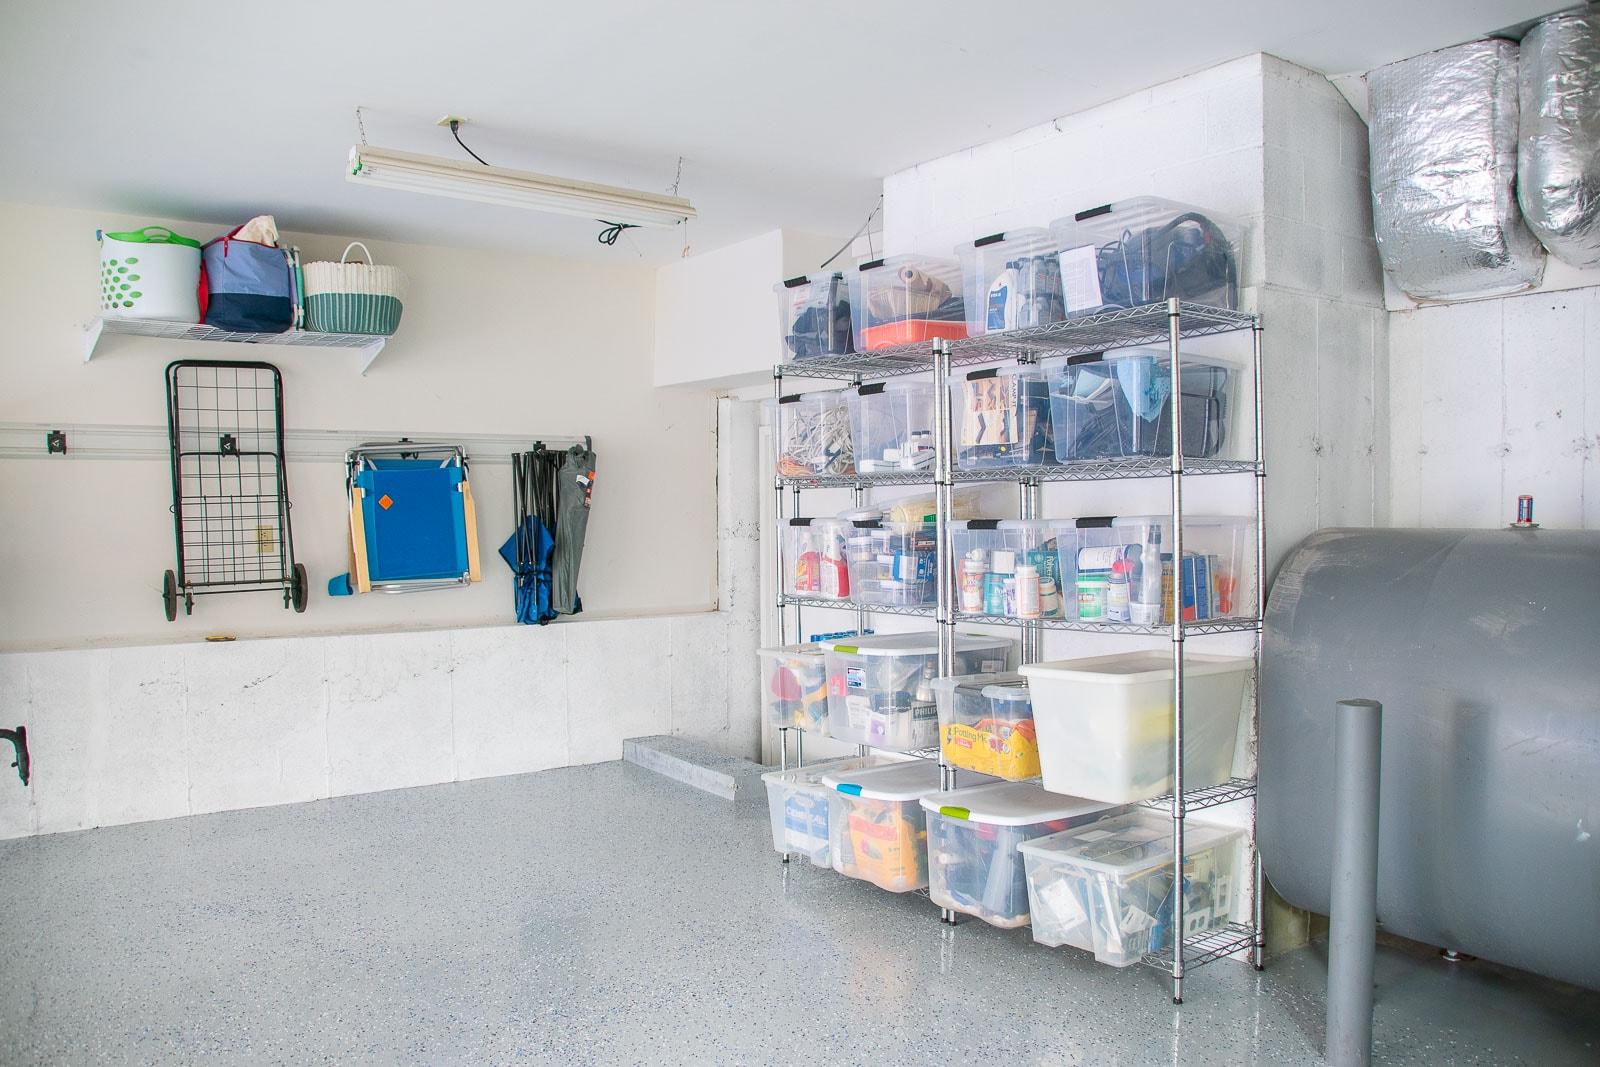 shelves in back of garage